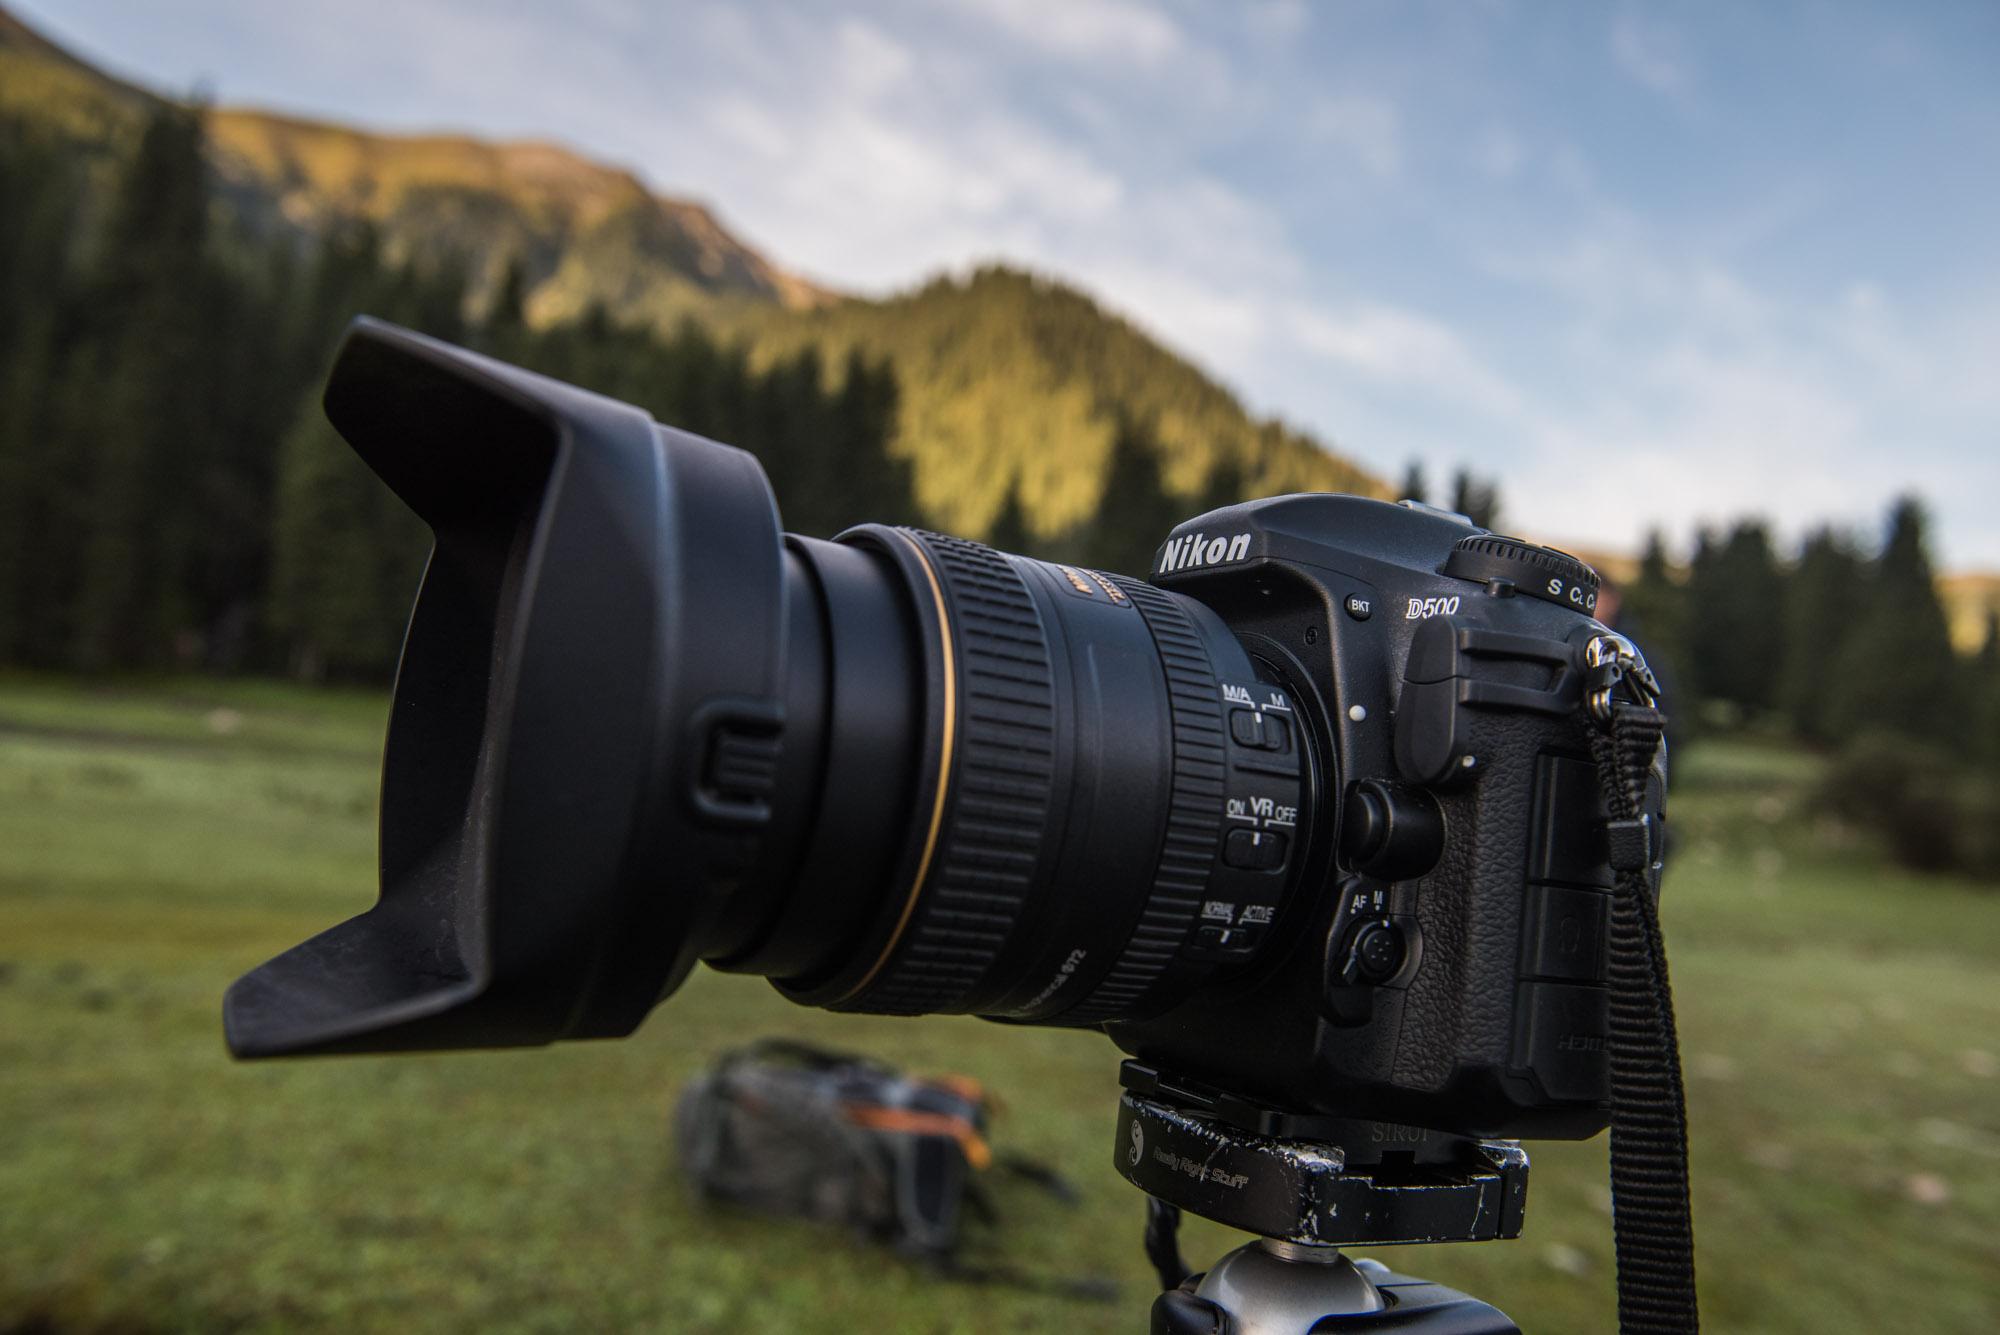 уютный краеведческий фотоаппараты без кропа глаз тени